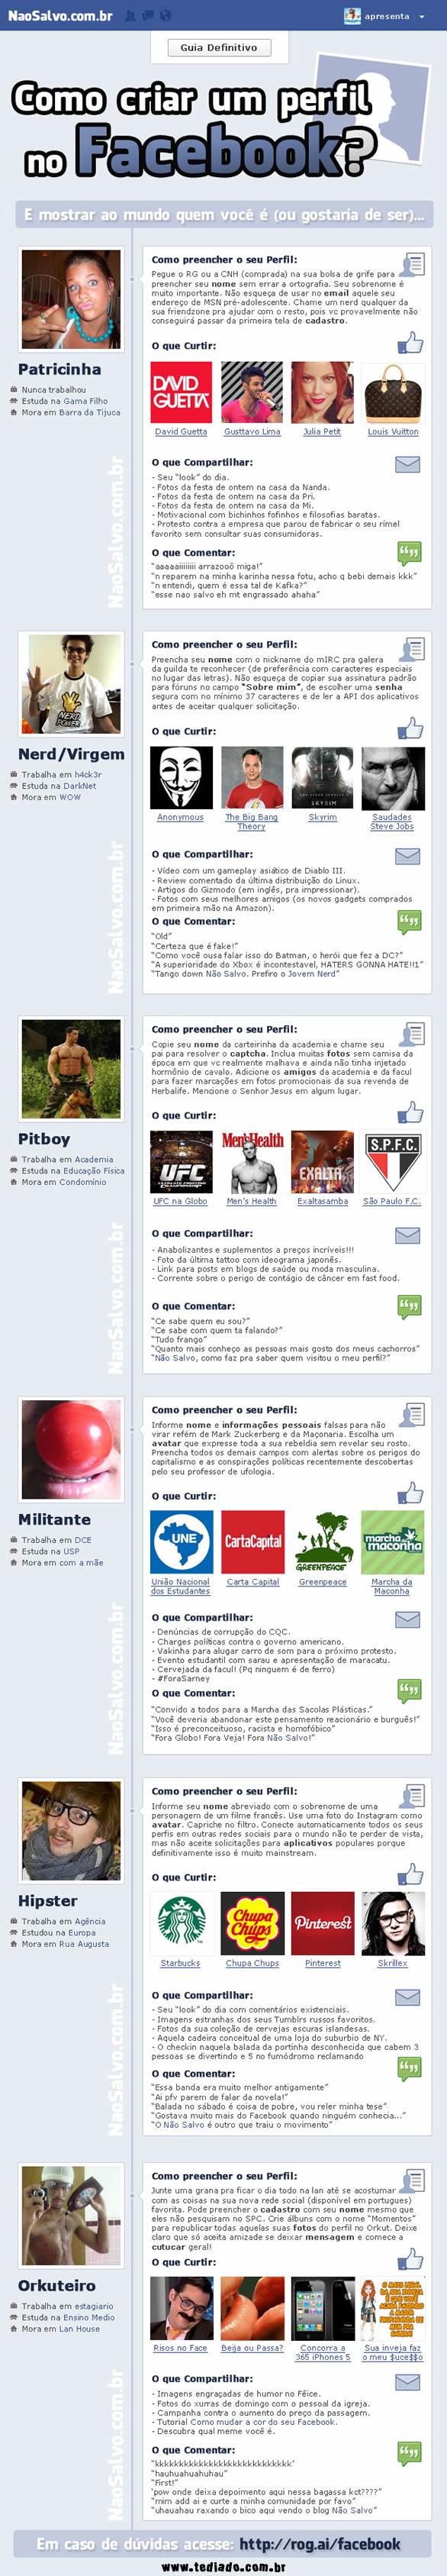 Como criar um perfil no Facebook 3